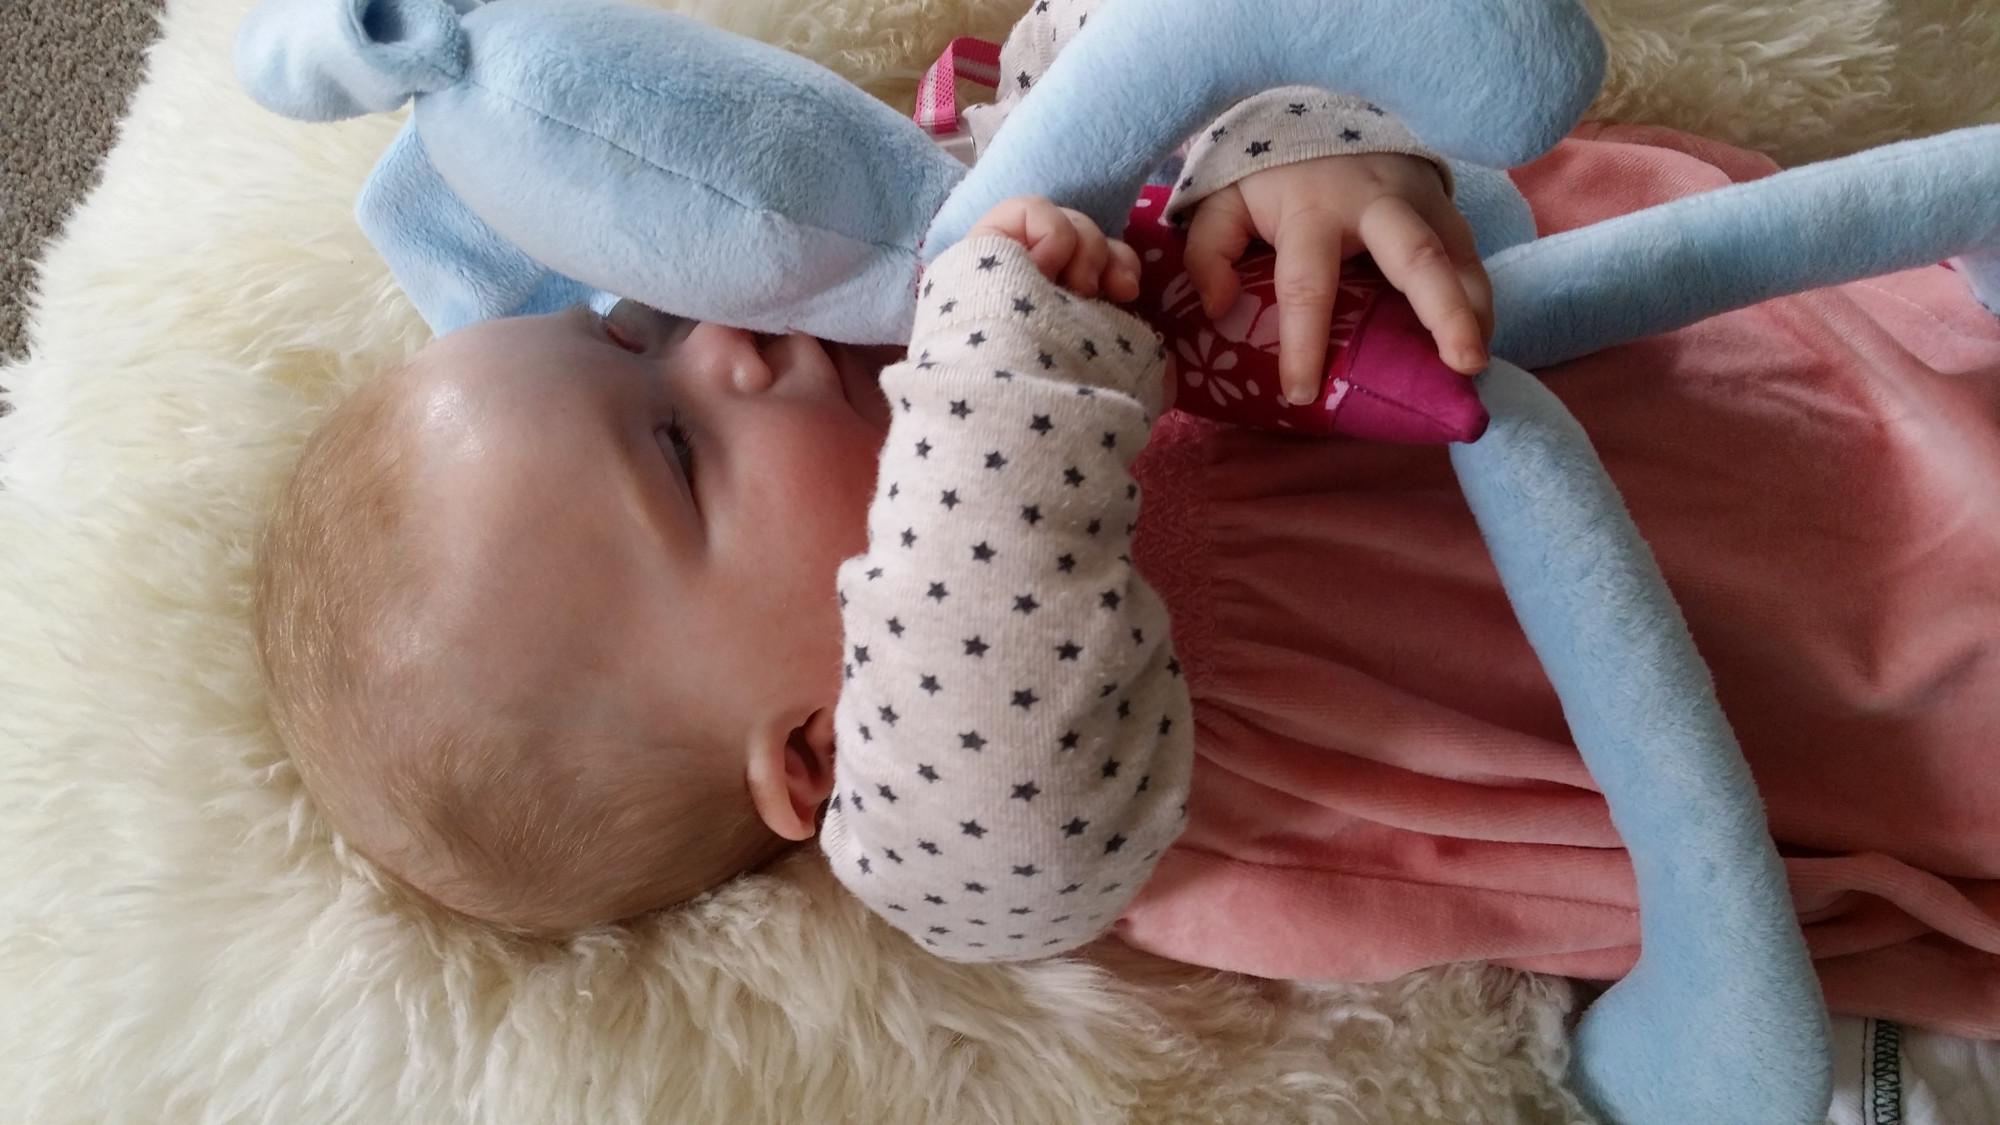 Eva besando a su conejito azul hecho por su tía, y acostada sobre una piel de oveja en su casa que compartió con su madre y otra familia.